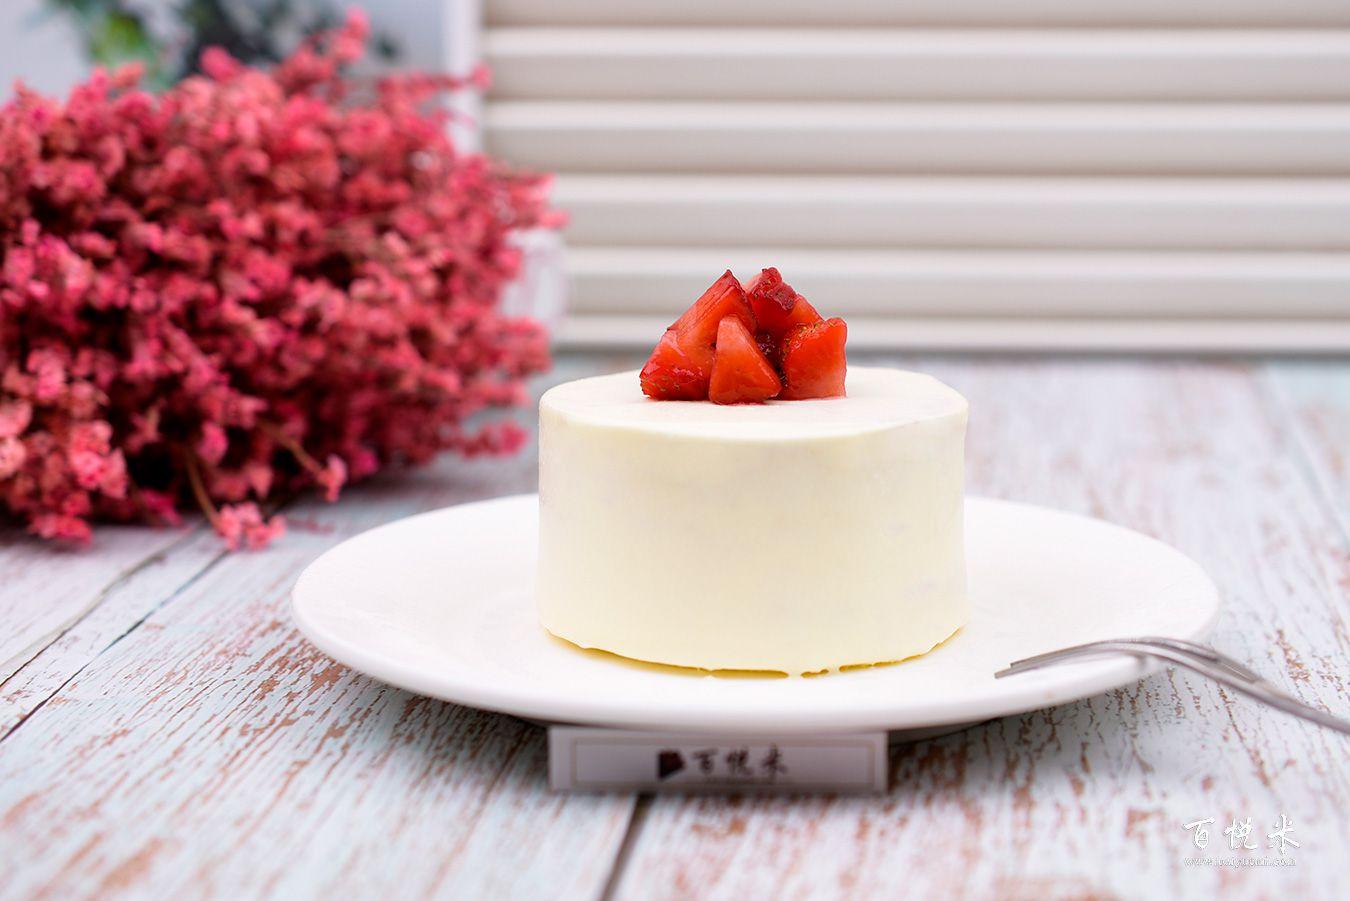 草莓小蛋糕高清图片大全【蛋糕图片】_582